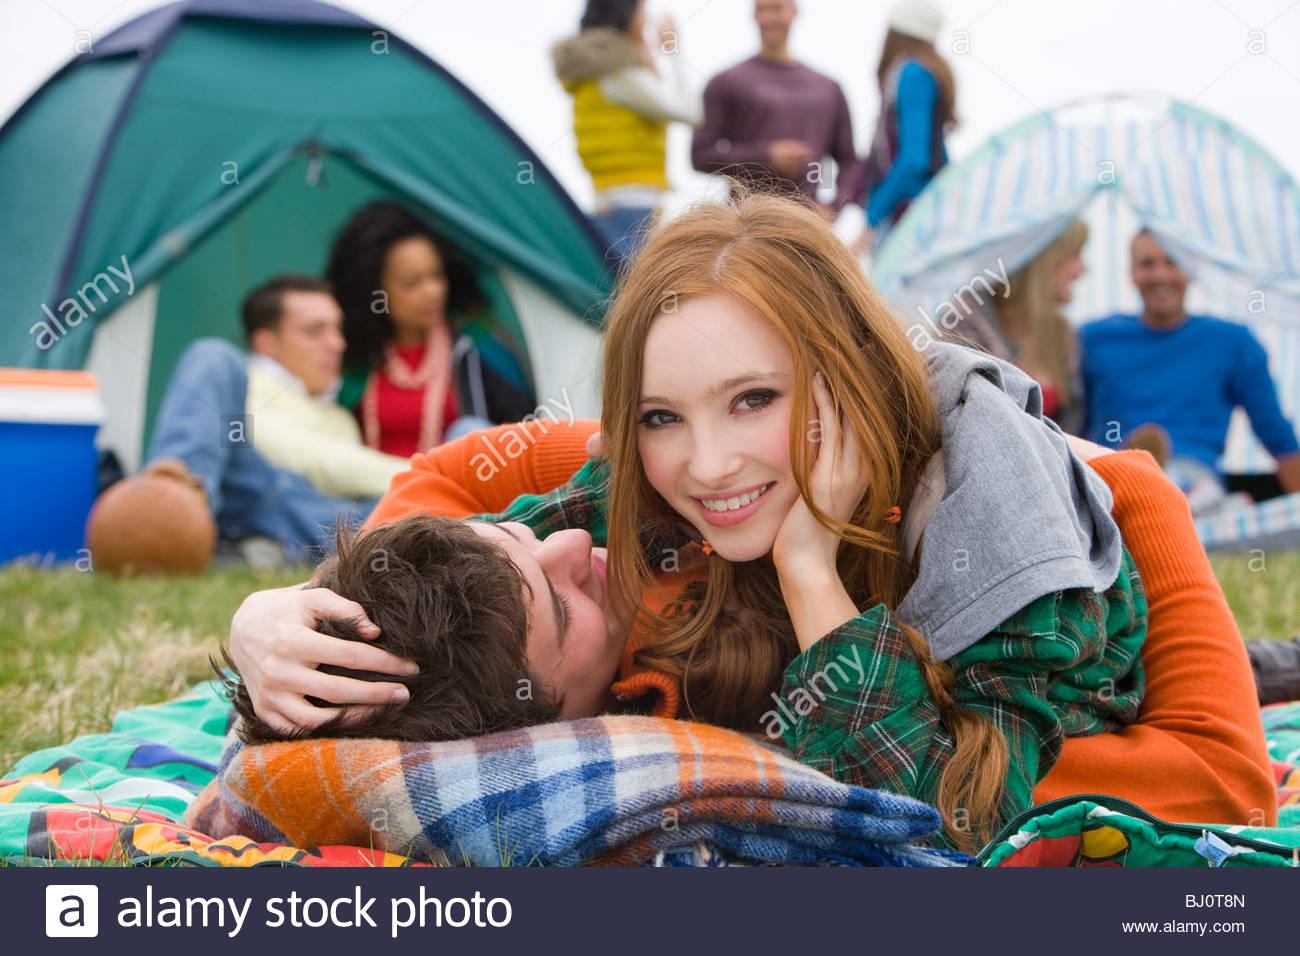 Coppia romantica camping e partecipando a festival all'aperto Immagini Stock